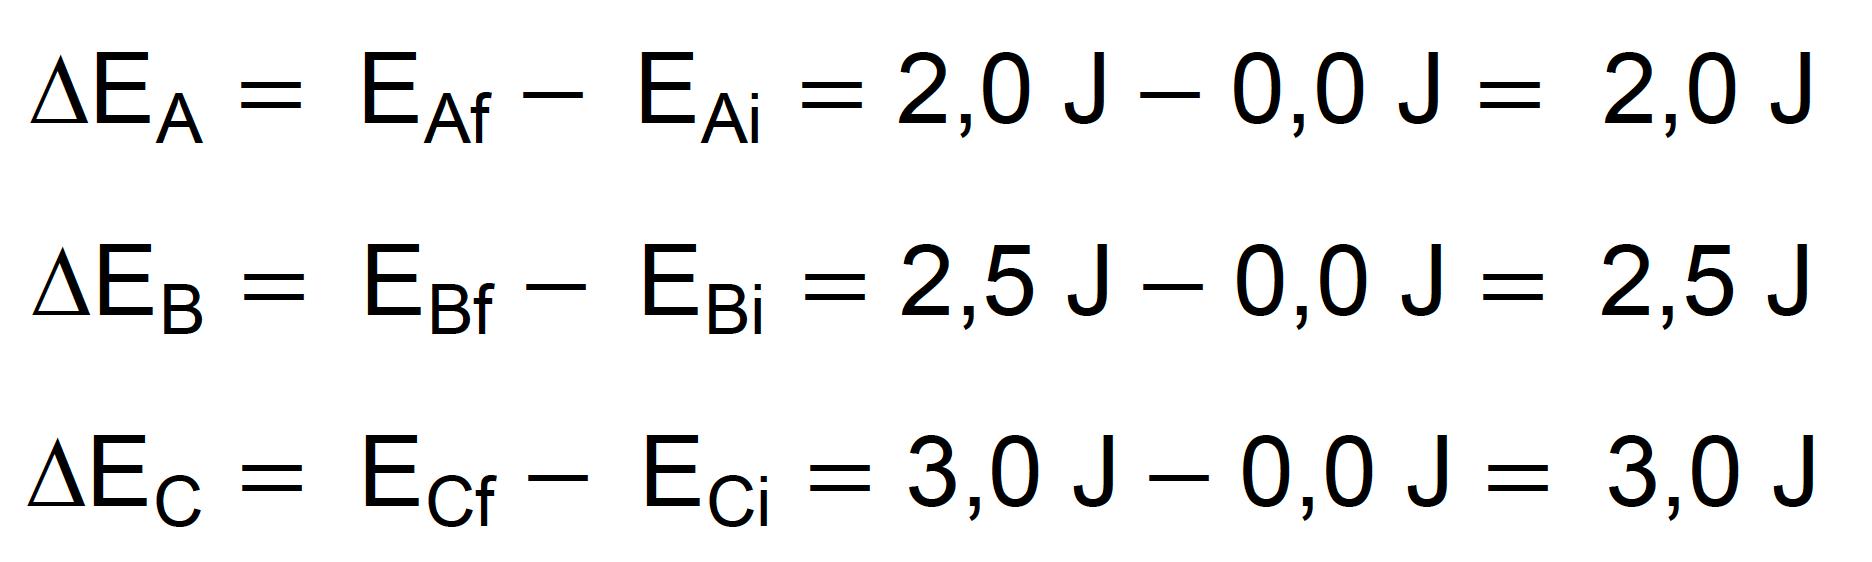 Cálculo da variação de energia potencial quando as maçãs são erguidas